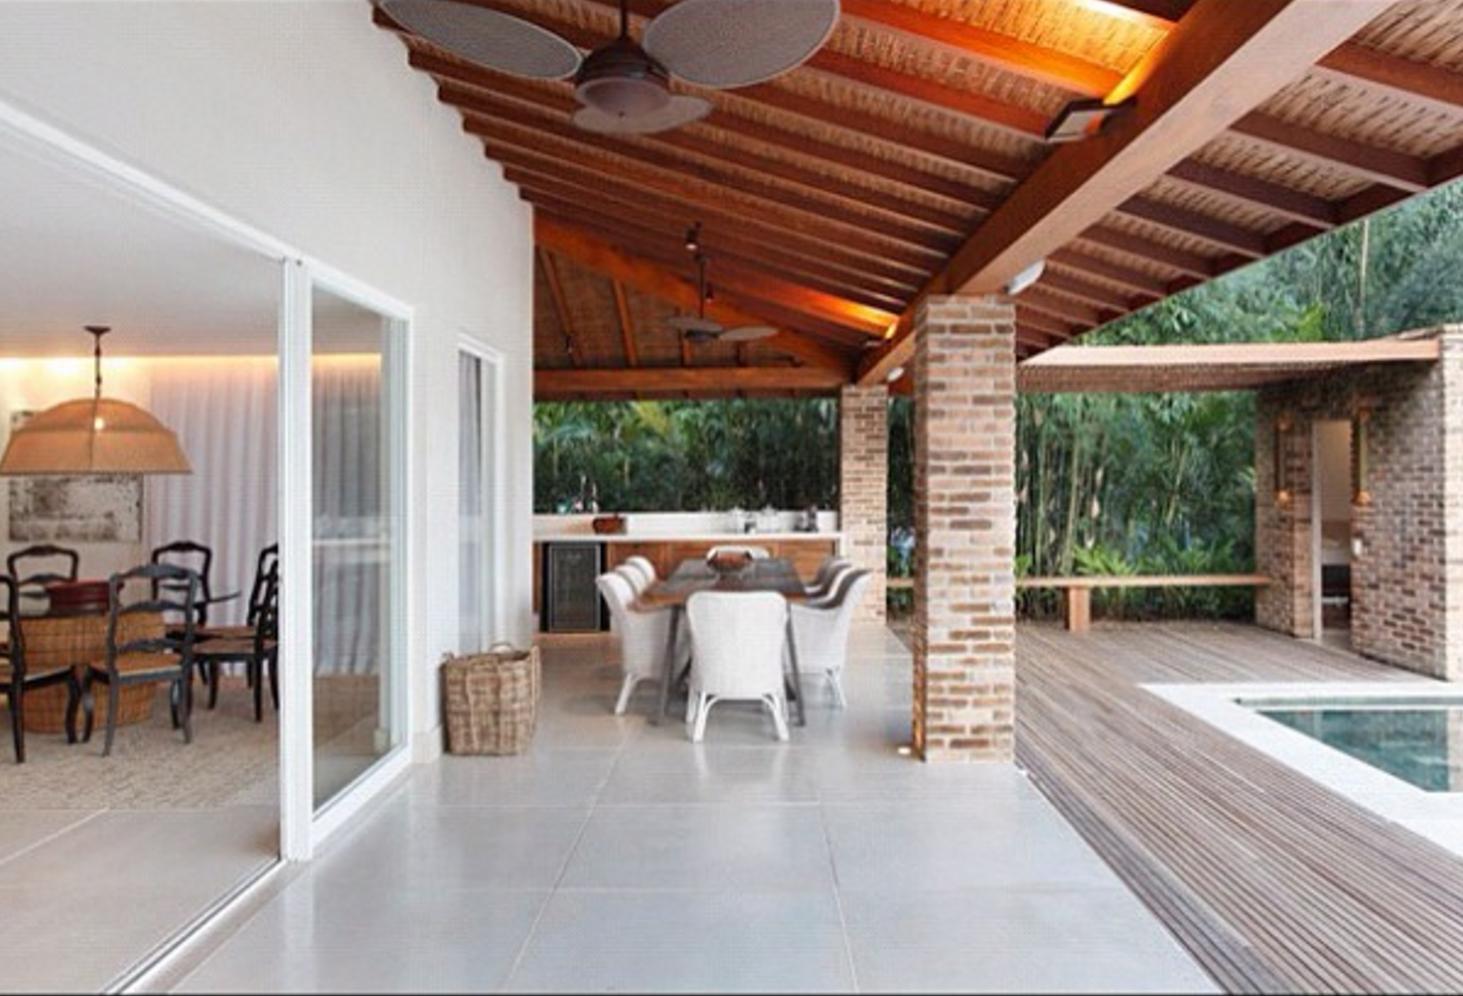 101 planos de casas caracter sticas de una casa en la playa - Casa de iluminacion ...